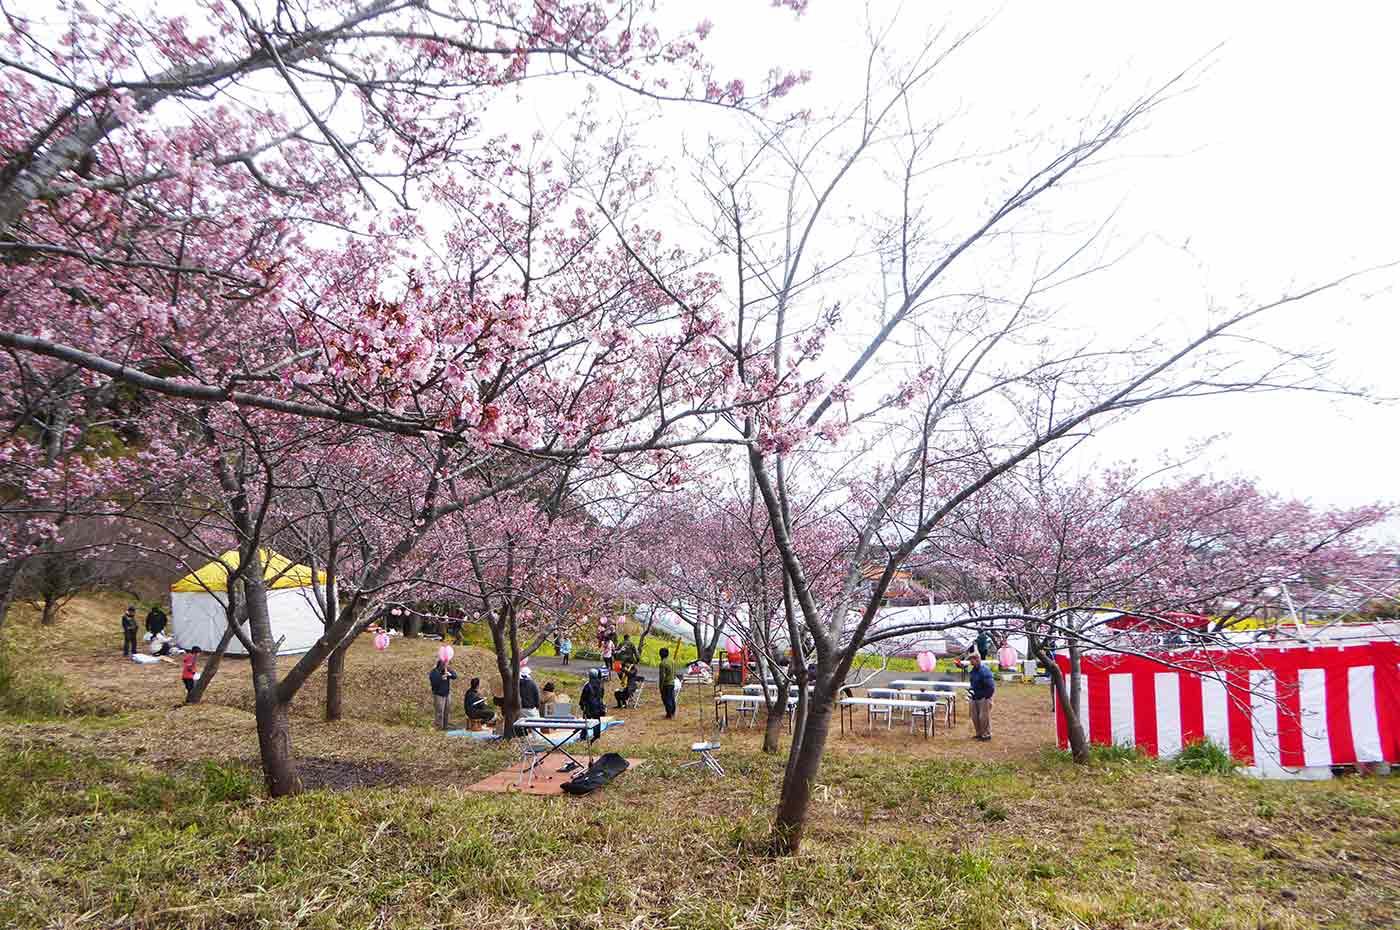 抱湖園の桜まつりの風景2